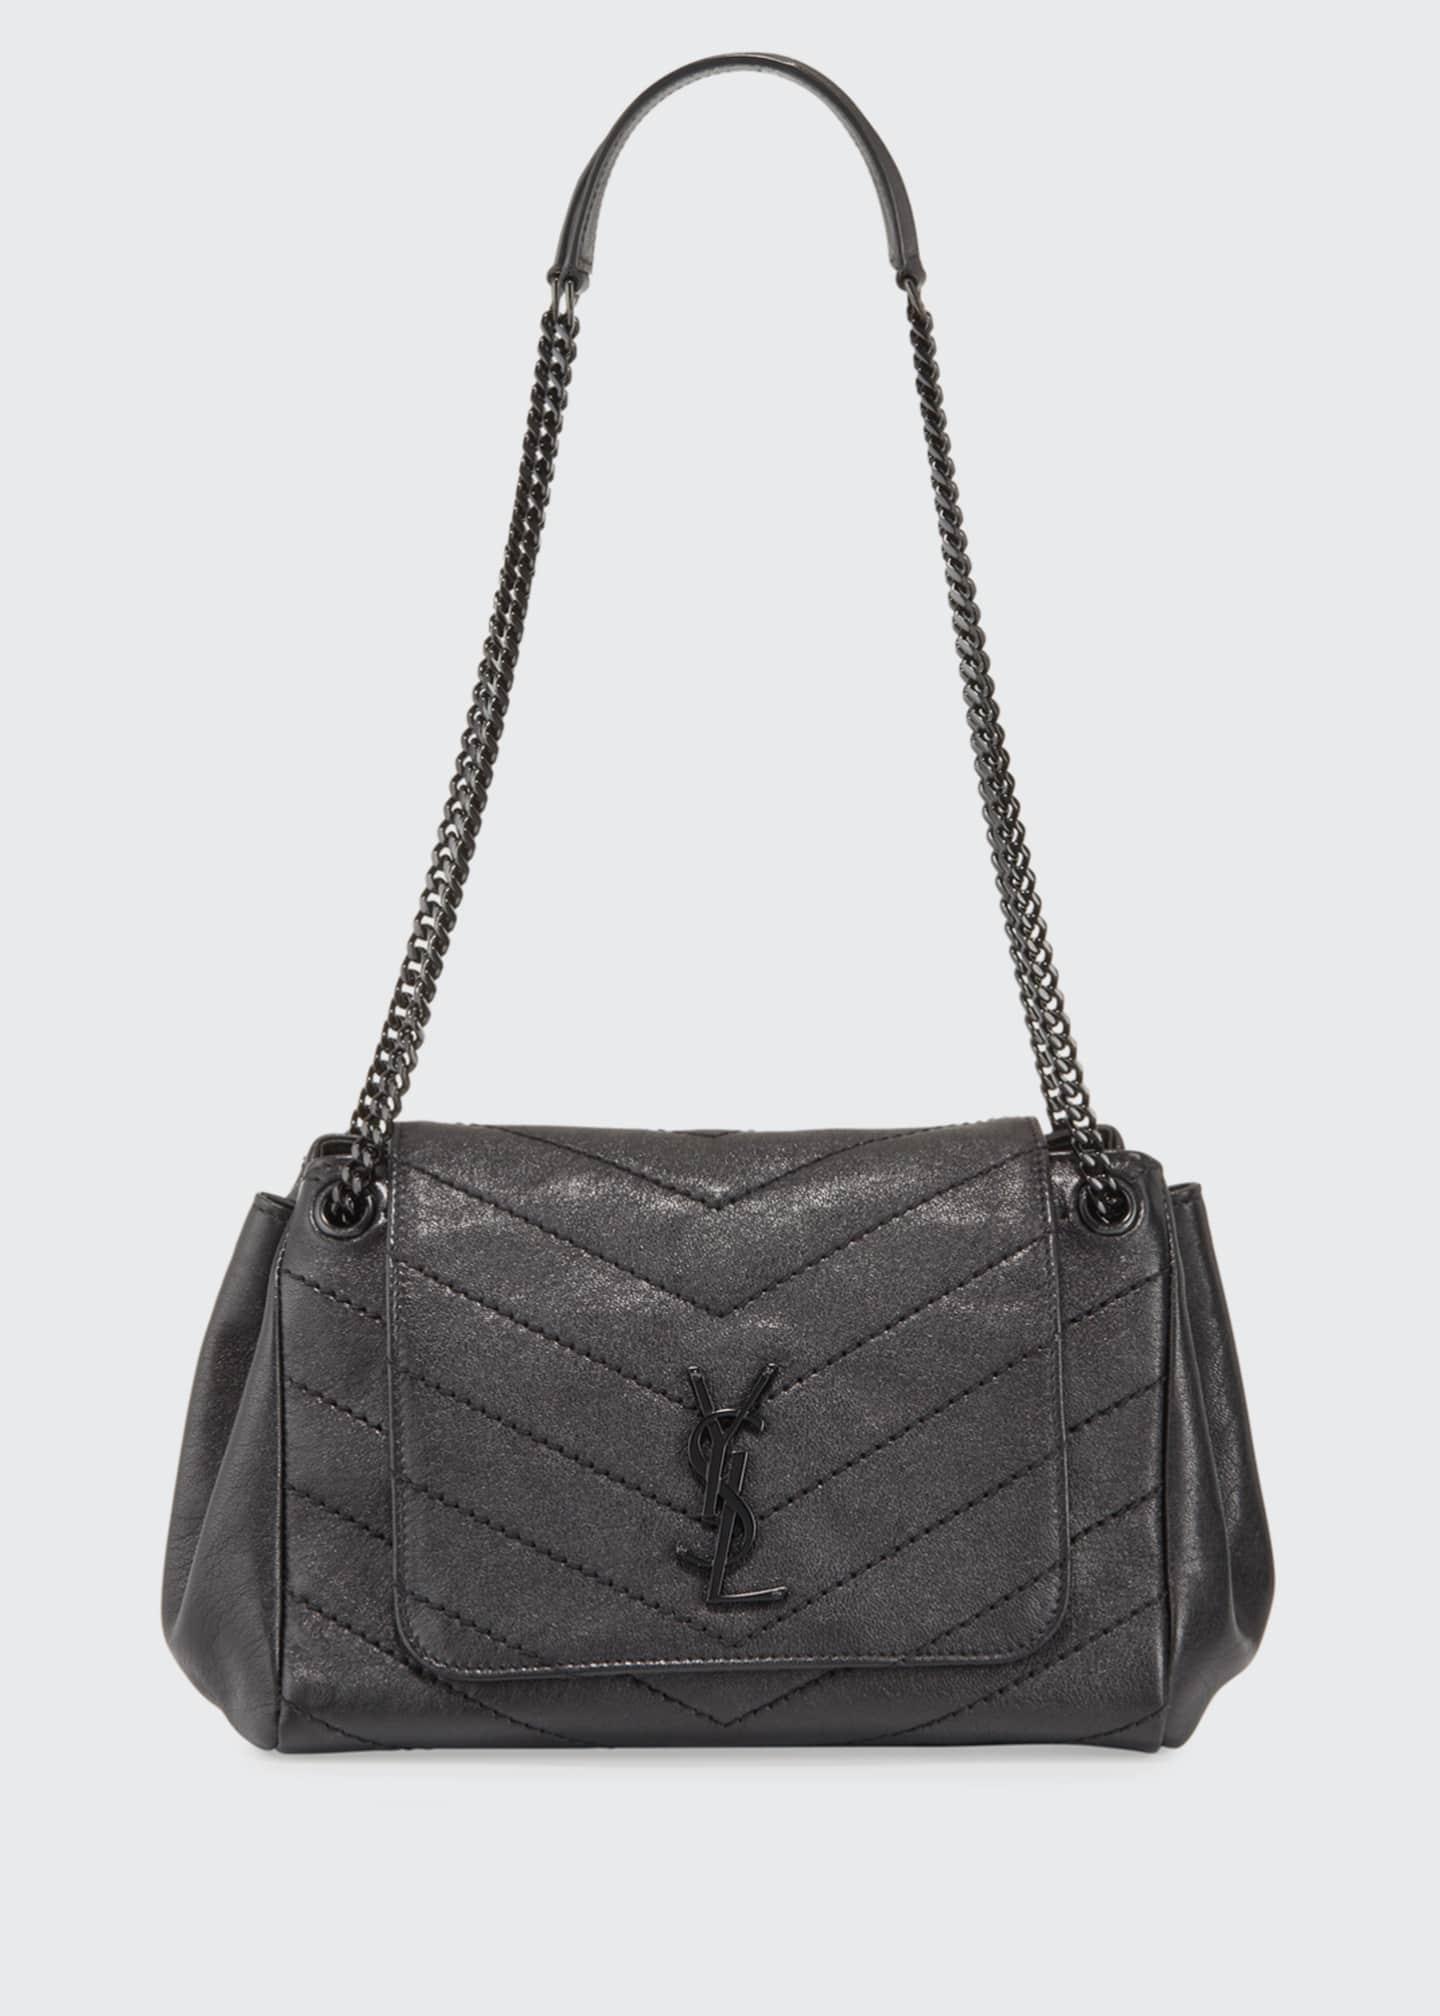 Saint Laurent Nolita Small Chevron Shoulder Bag